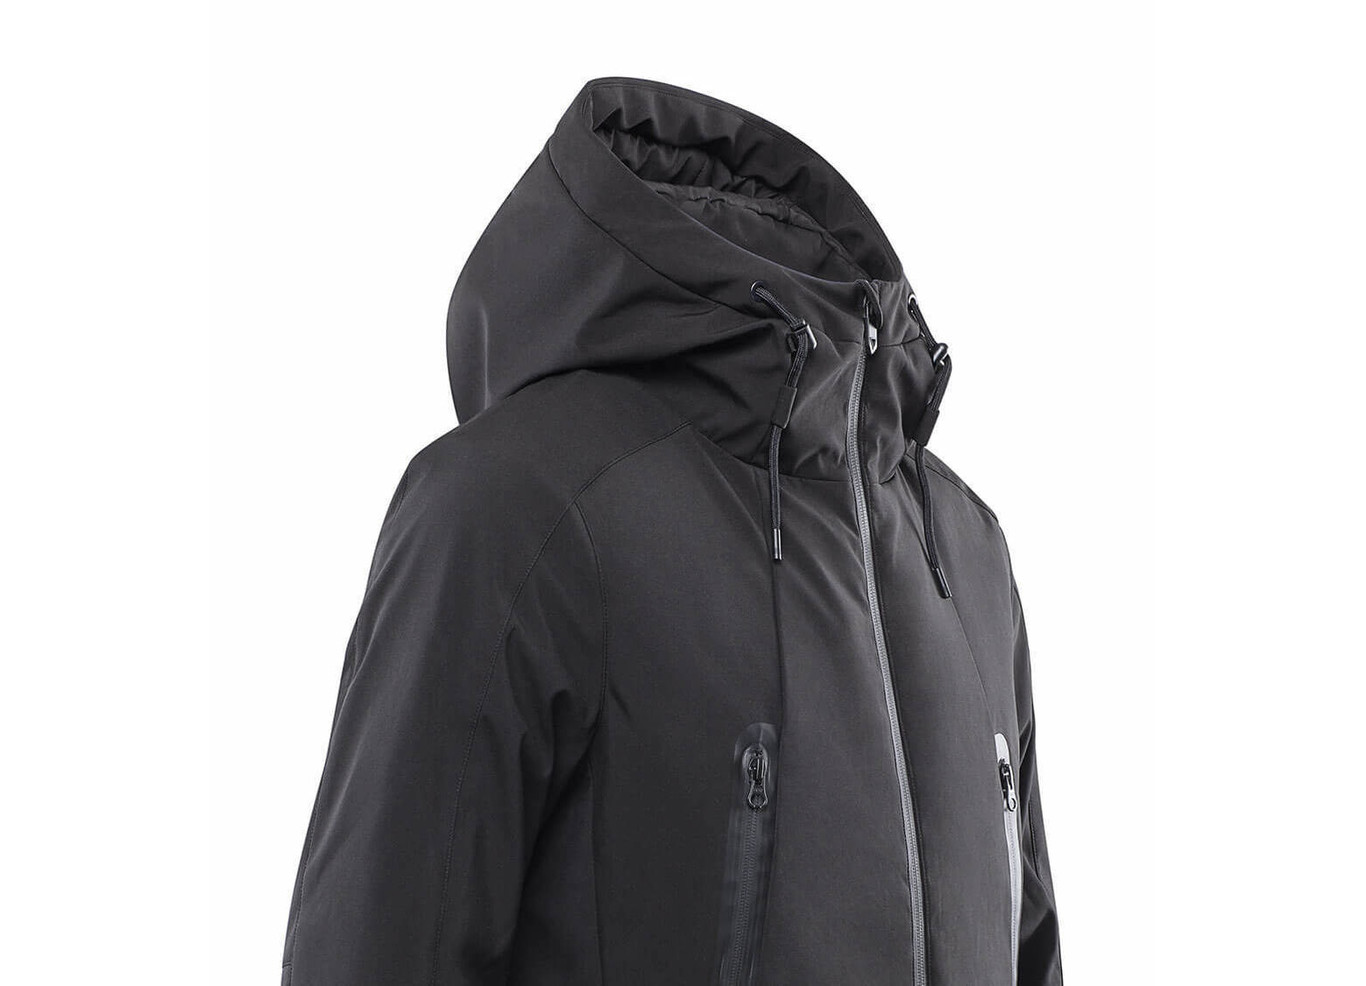 Xiaomi es una chaqueta con calefacción integrada